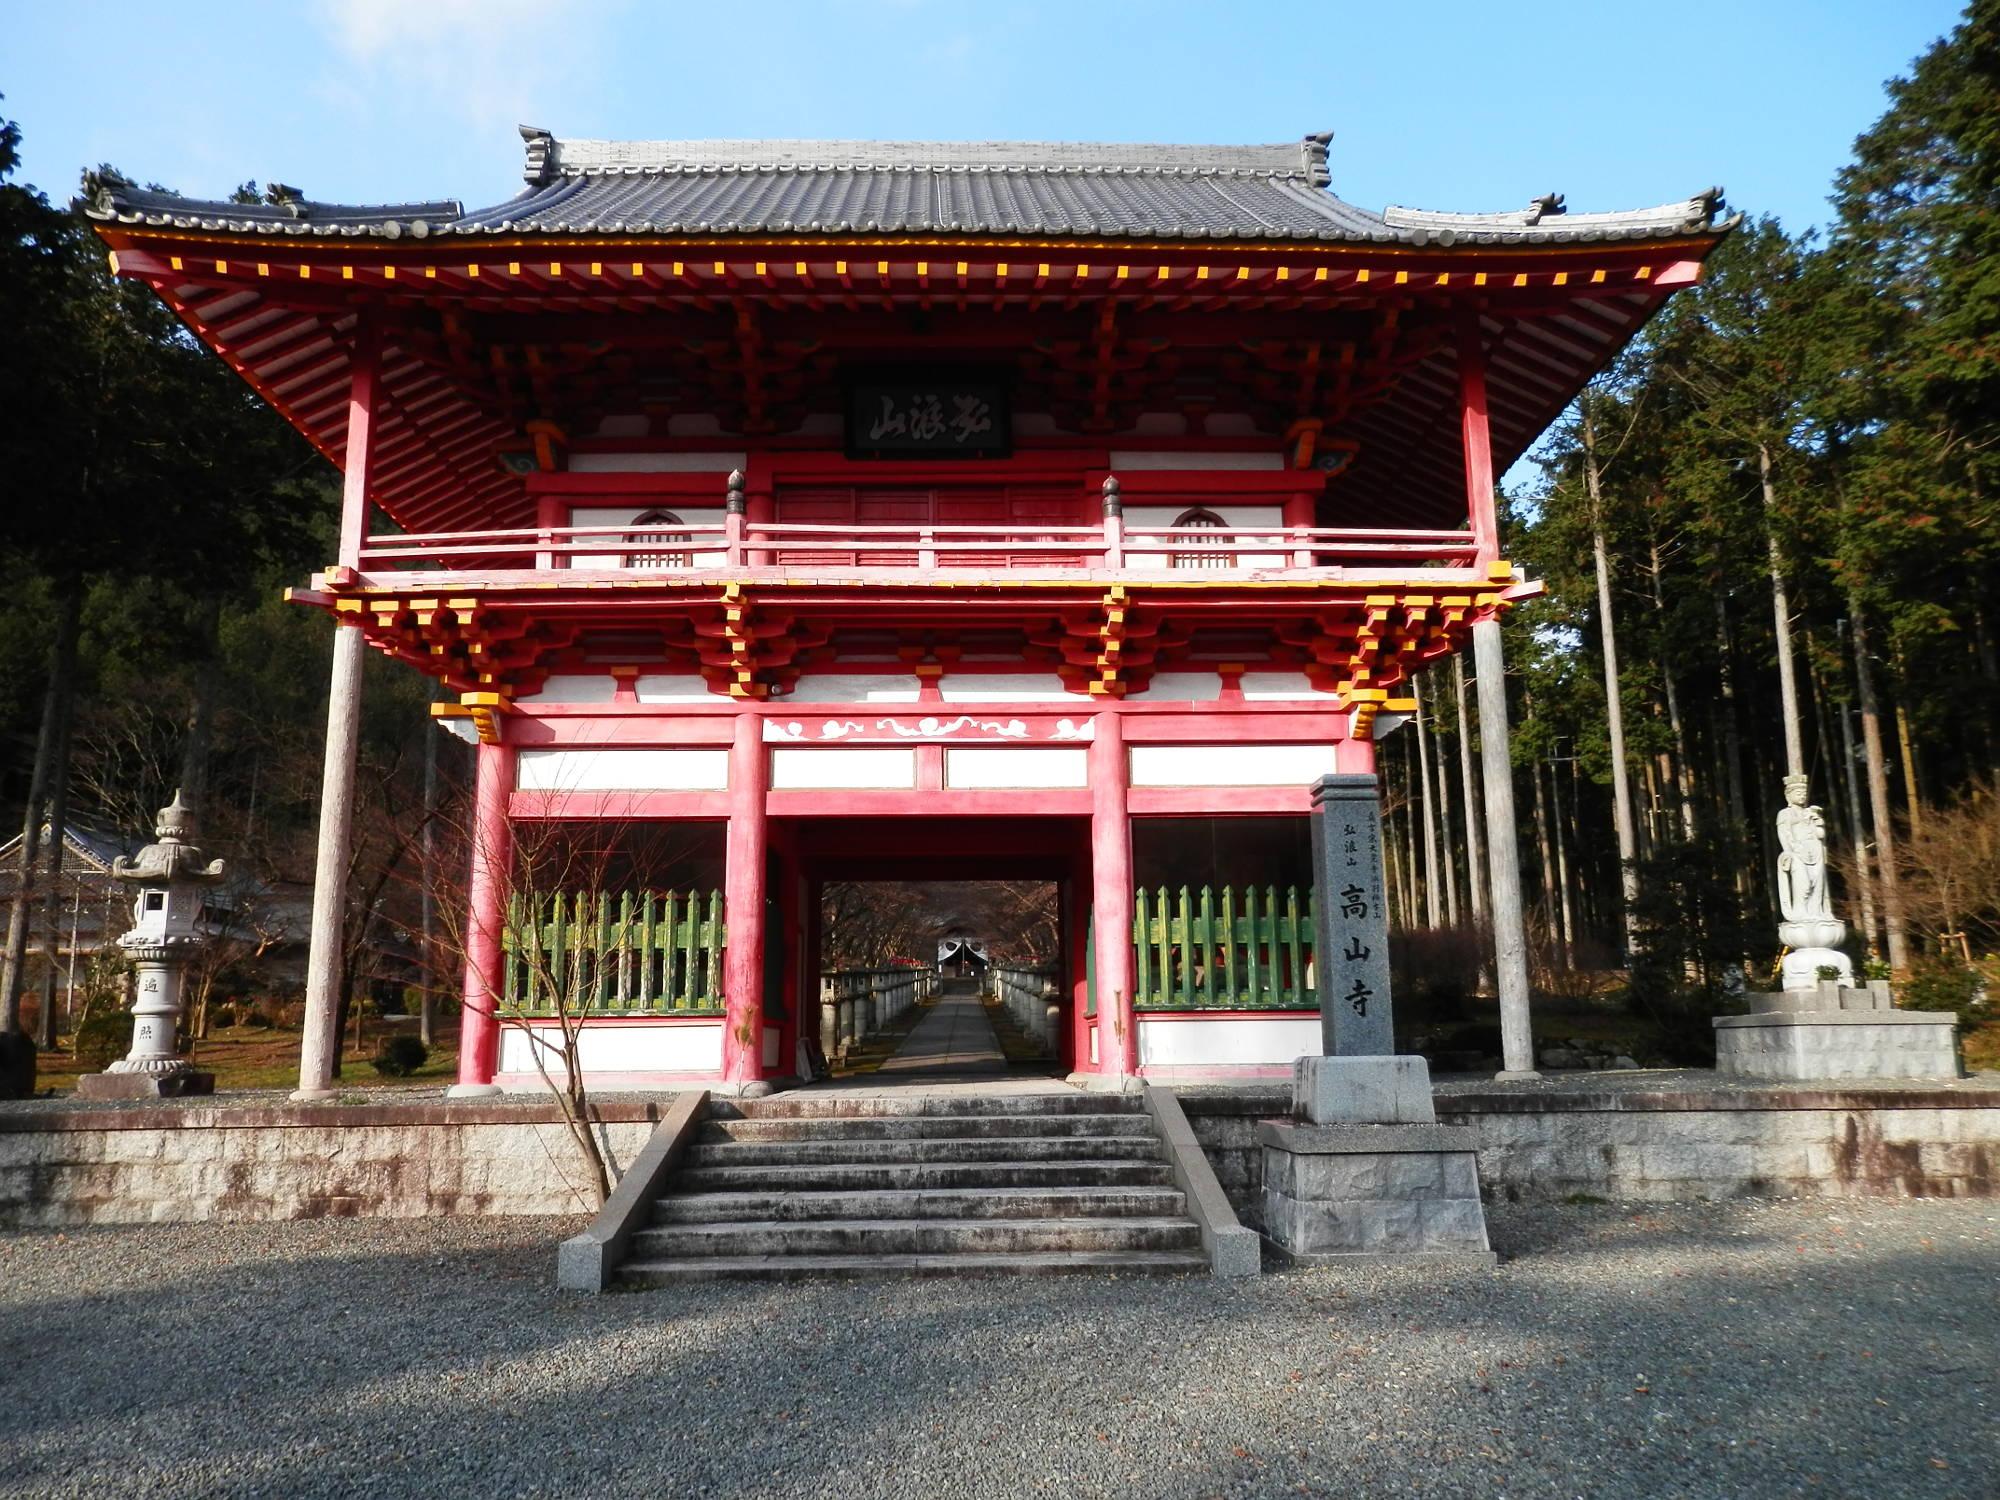 丹波市 高山寺 赤い楼門